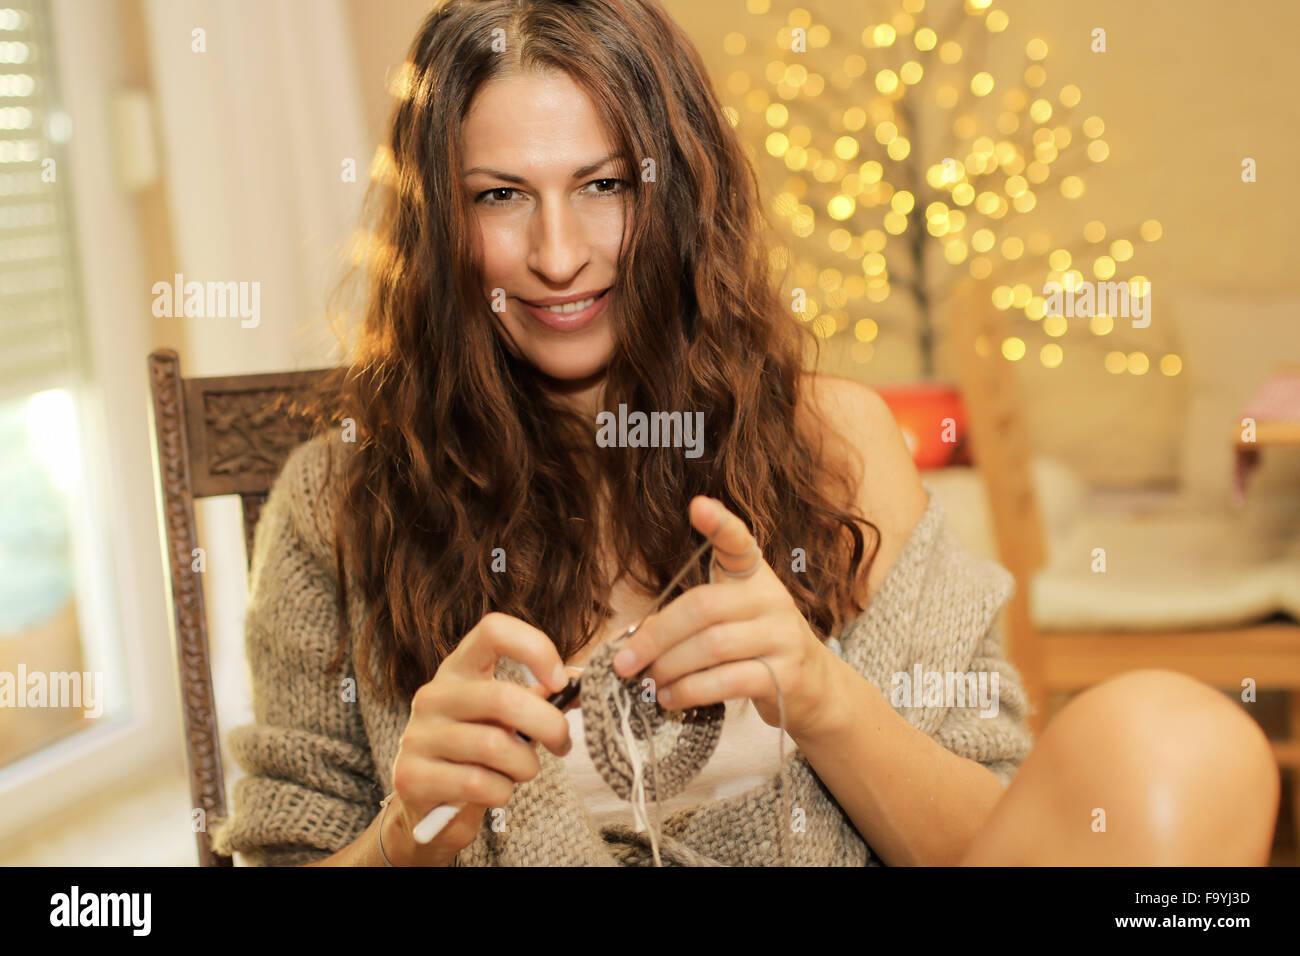 La donna in una sedia a dondolo, uncinetto e sorridente sul dicembre 08, 2015 a Monaco di Baviera, Germania. Modello Foto Stock